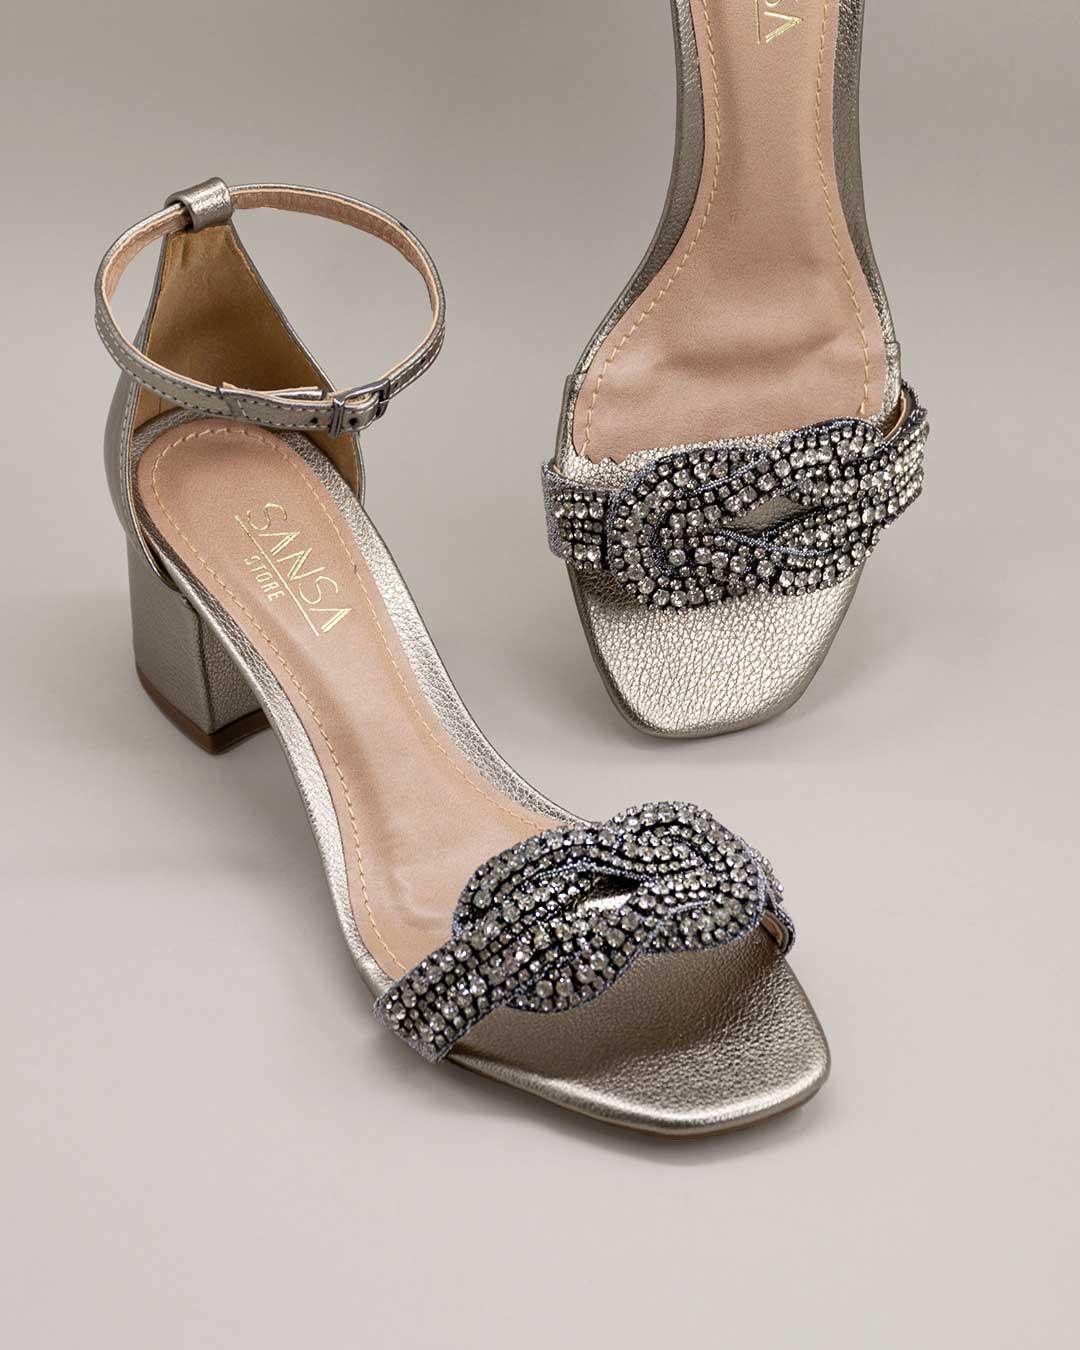 Sandália Salto Baixo Prata com Flor Brilhante